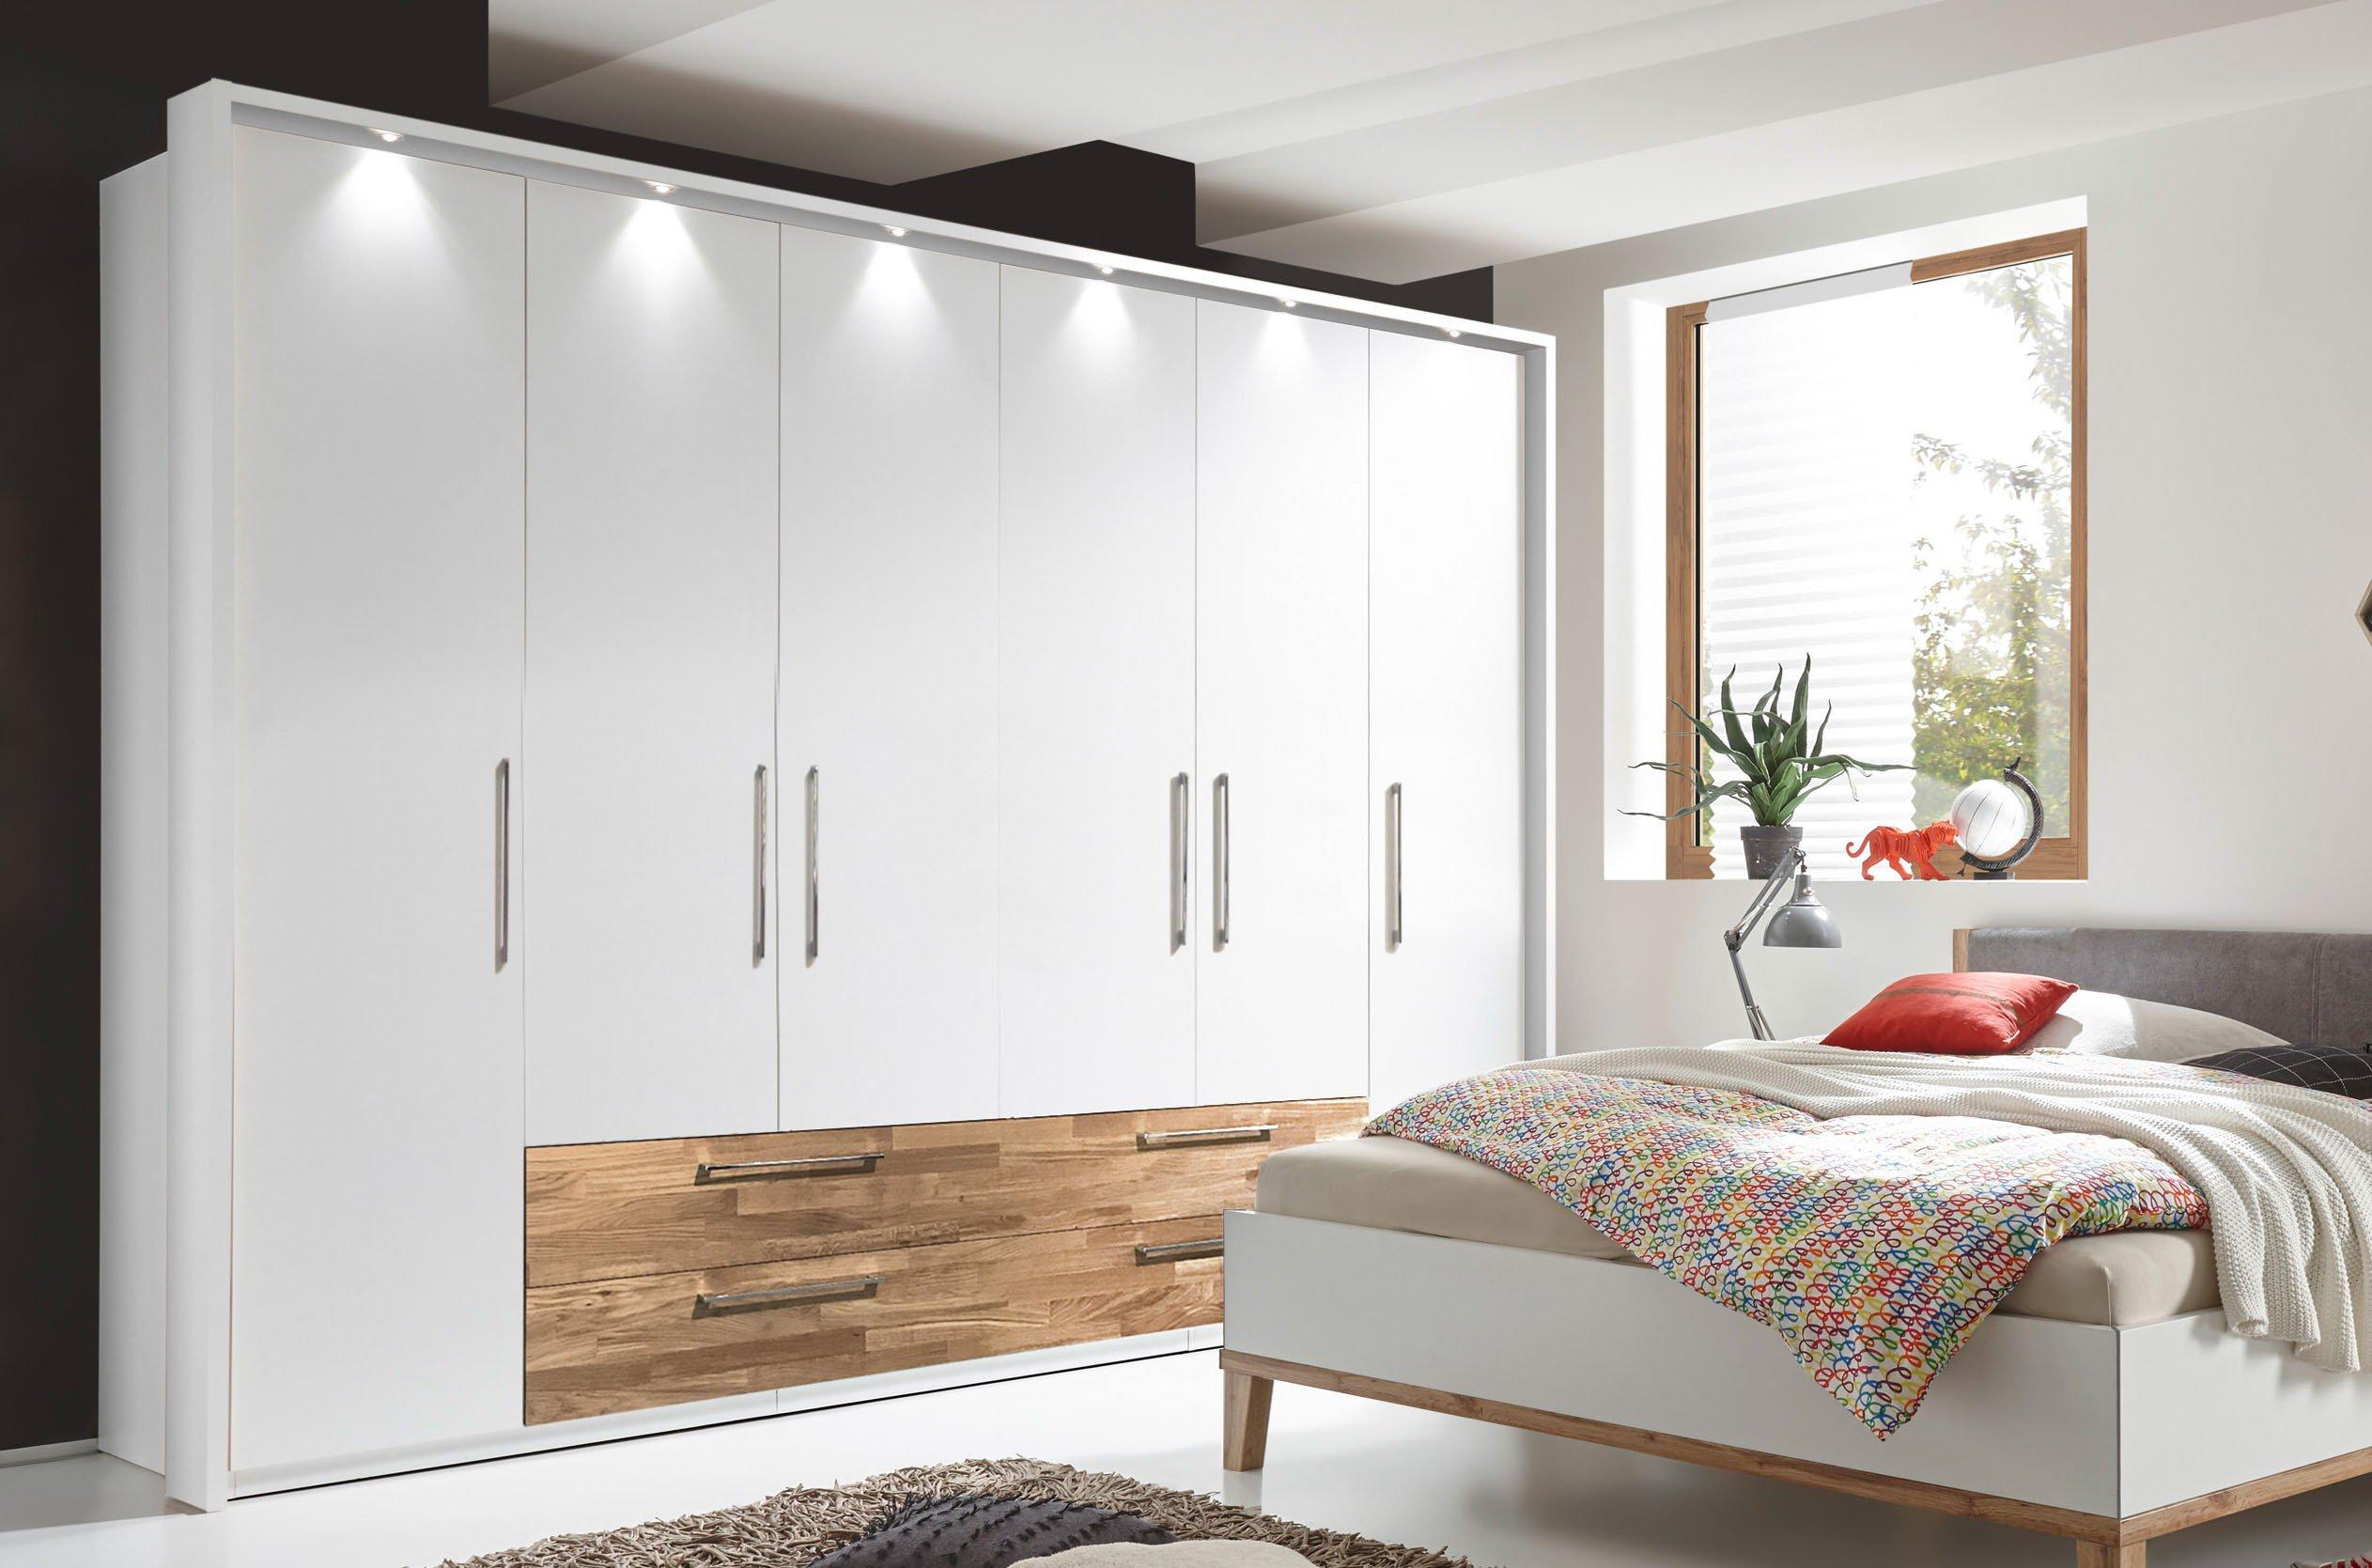 Amazing Schlafzimmer Kleiderschrank 6 Turig 2 #2: Air Von SchlafKONTOR - Schrank 6-türig Weiß - Akzente Eiche Mass